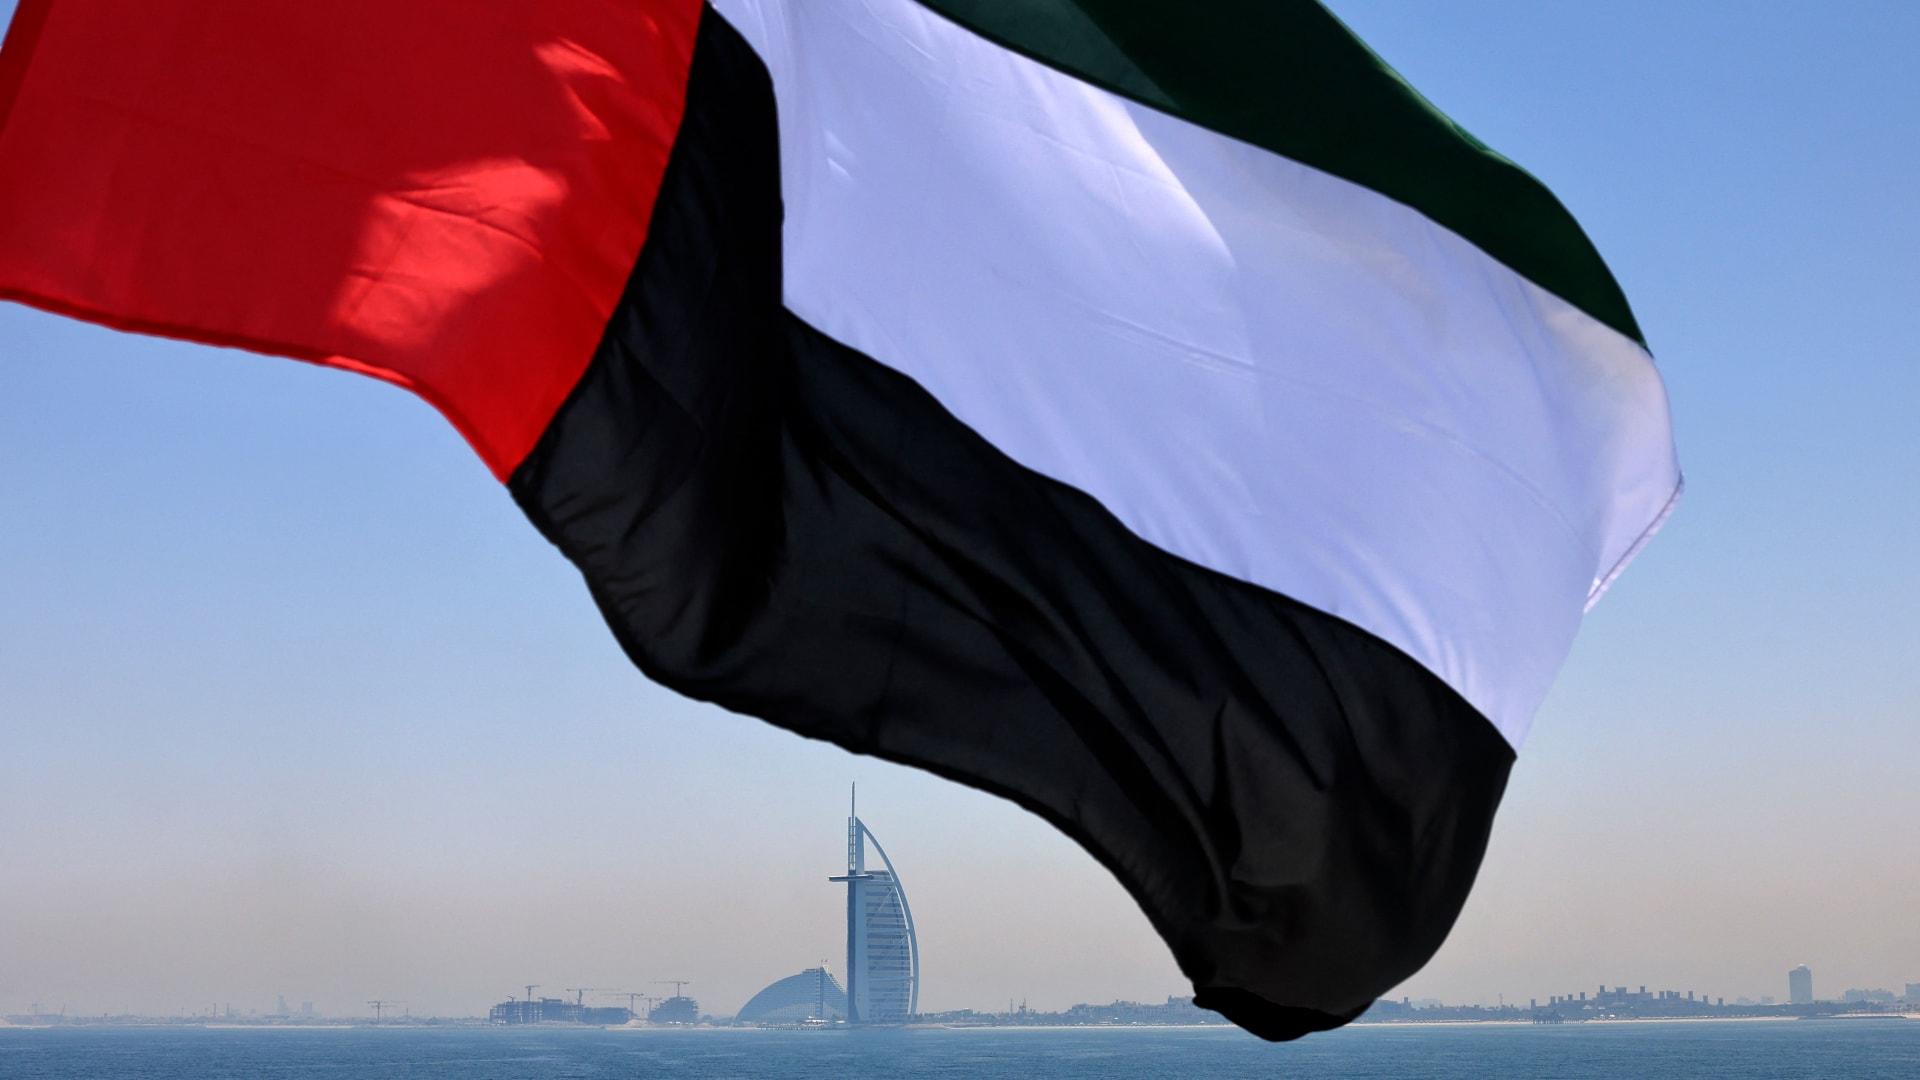 علم الإمارات يرفرف فوق مرسى دبي مع فندق برج العرب في الخلفية - 3 يونيو/ حزيران 2021